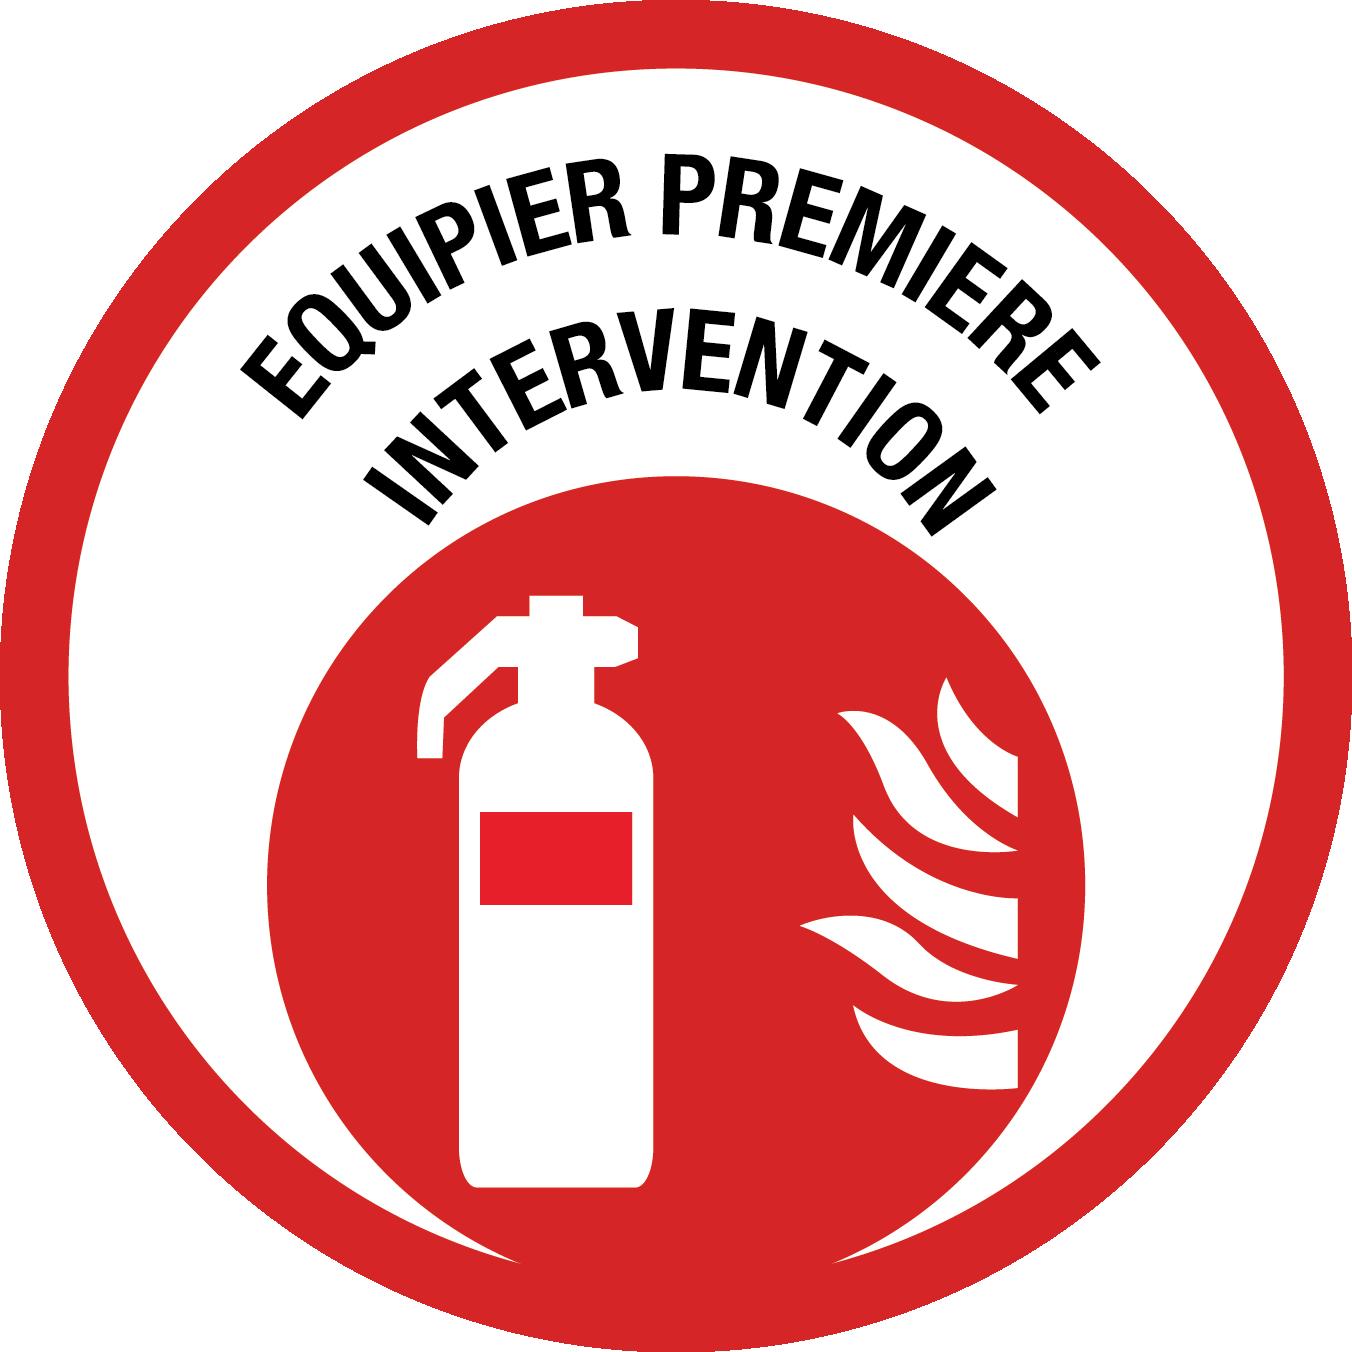 Logo formation equipier premiere intervention